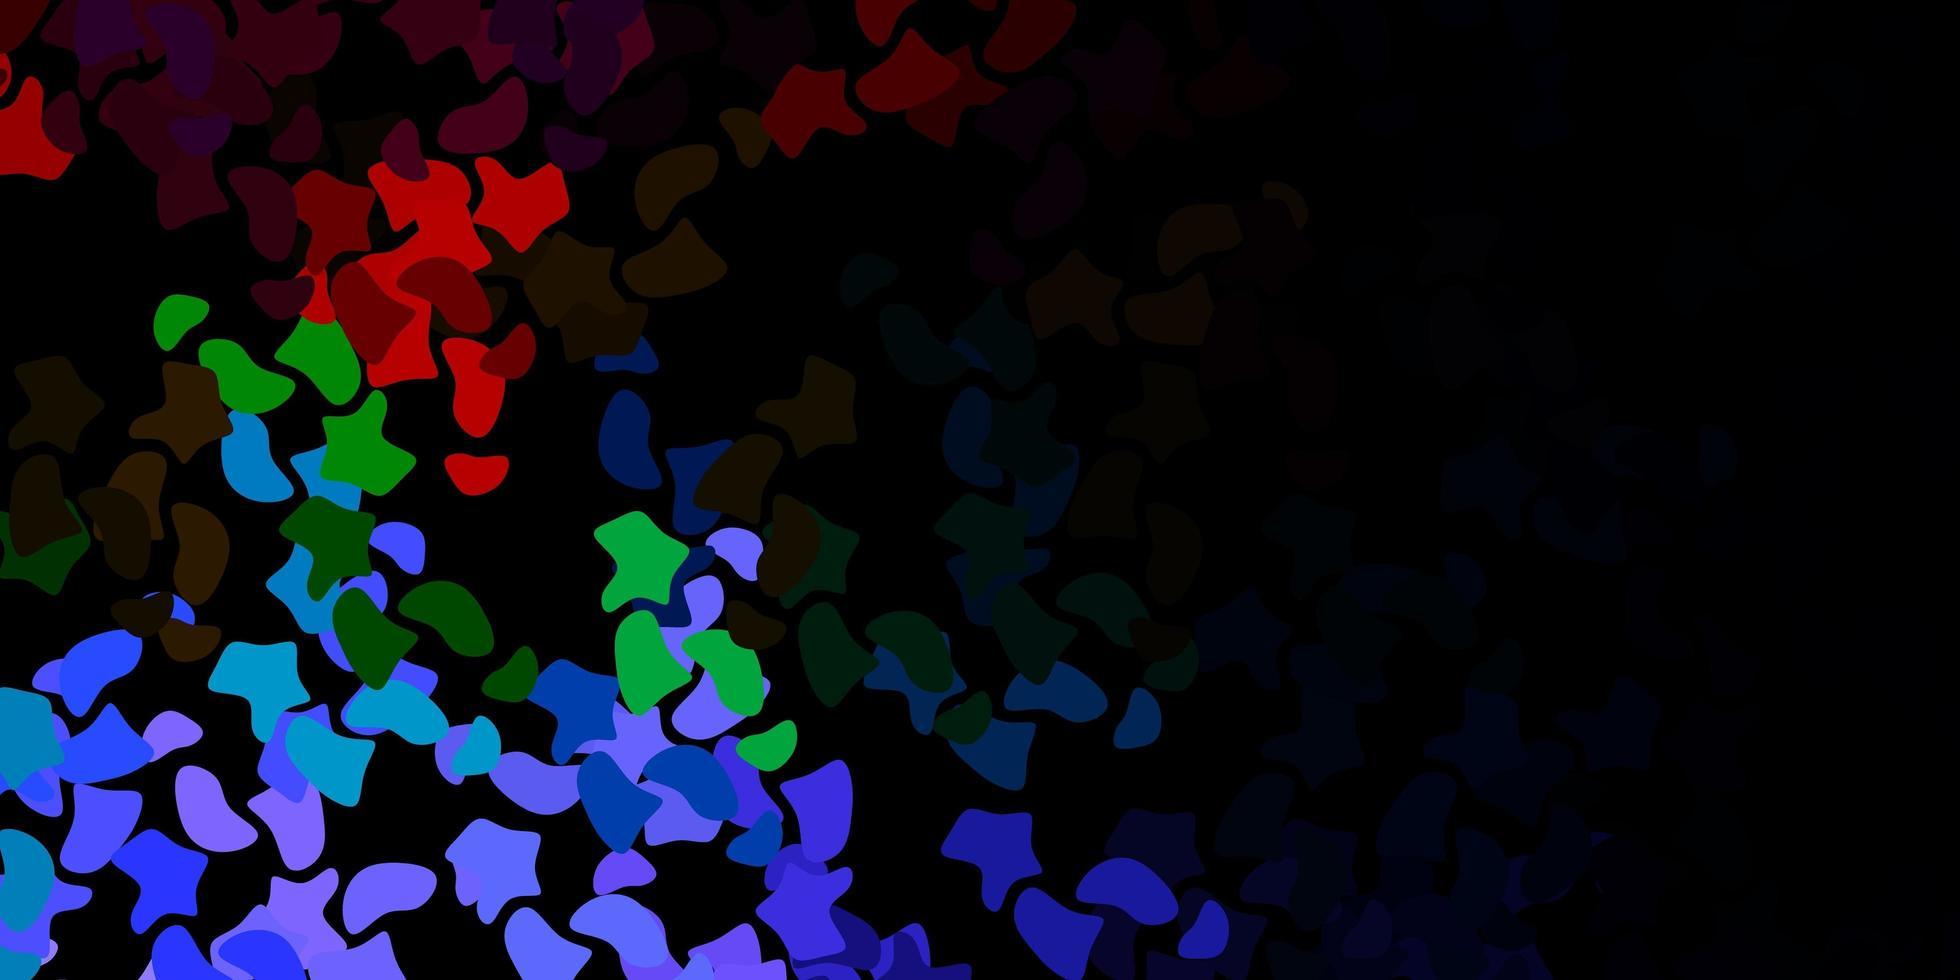 Telón de fondo de vector multicolor oscuro con formas caóticas.